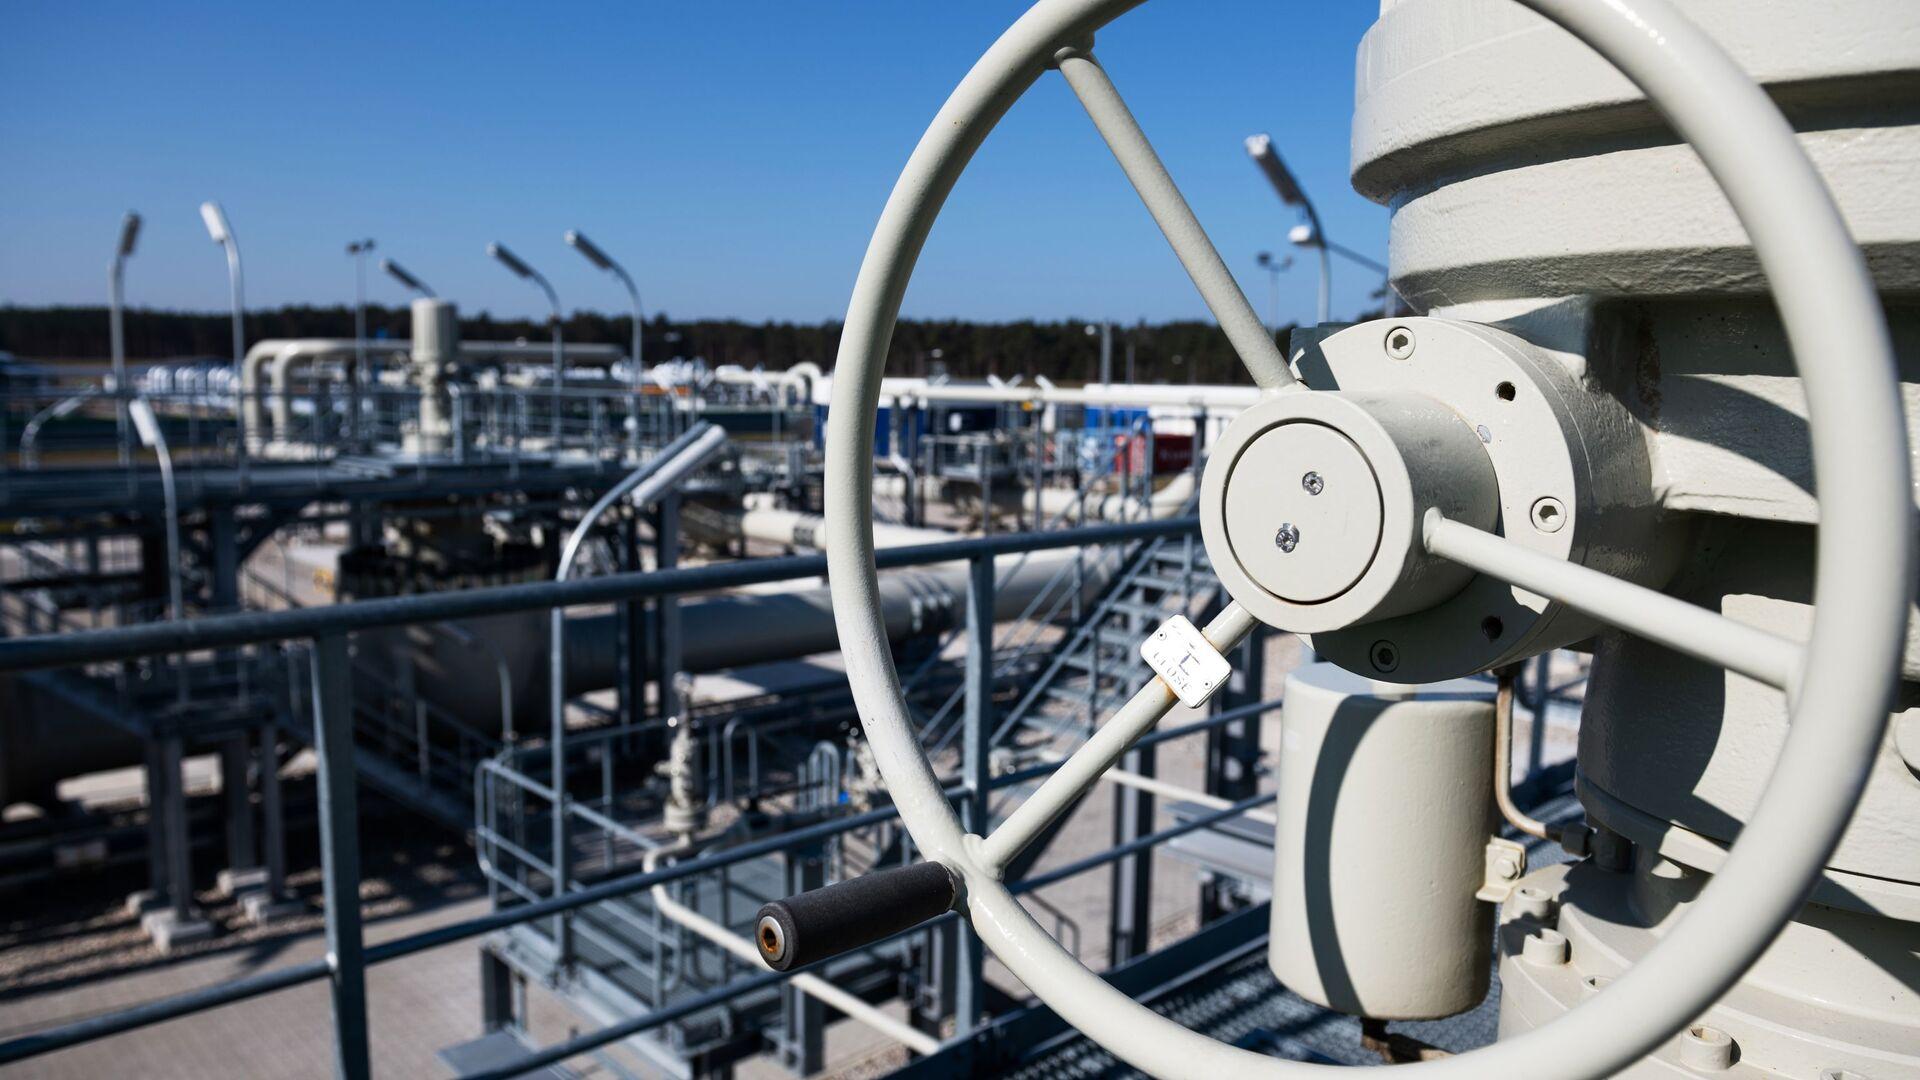 Pobřežní objekty na území plynárenského rozdělovacího centra plynovodu Nord Stream 2 v německém městě Lubmin. - Sputnik Česká republika, 1920, 21.09.2021